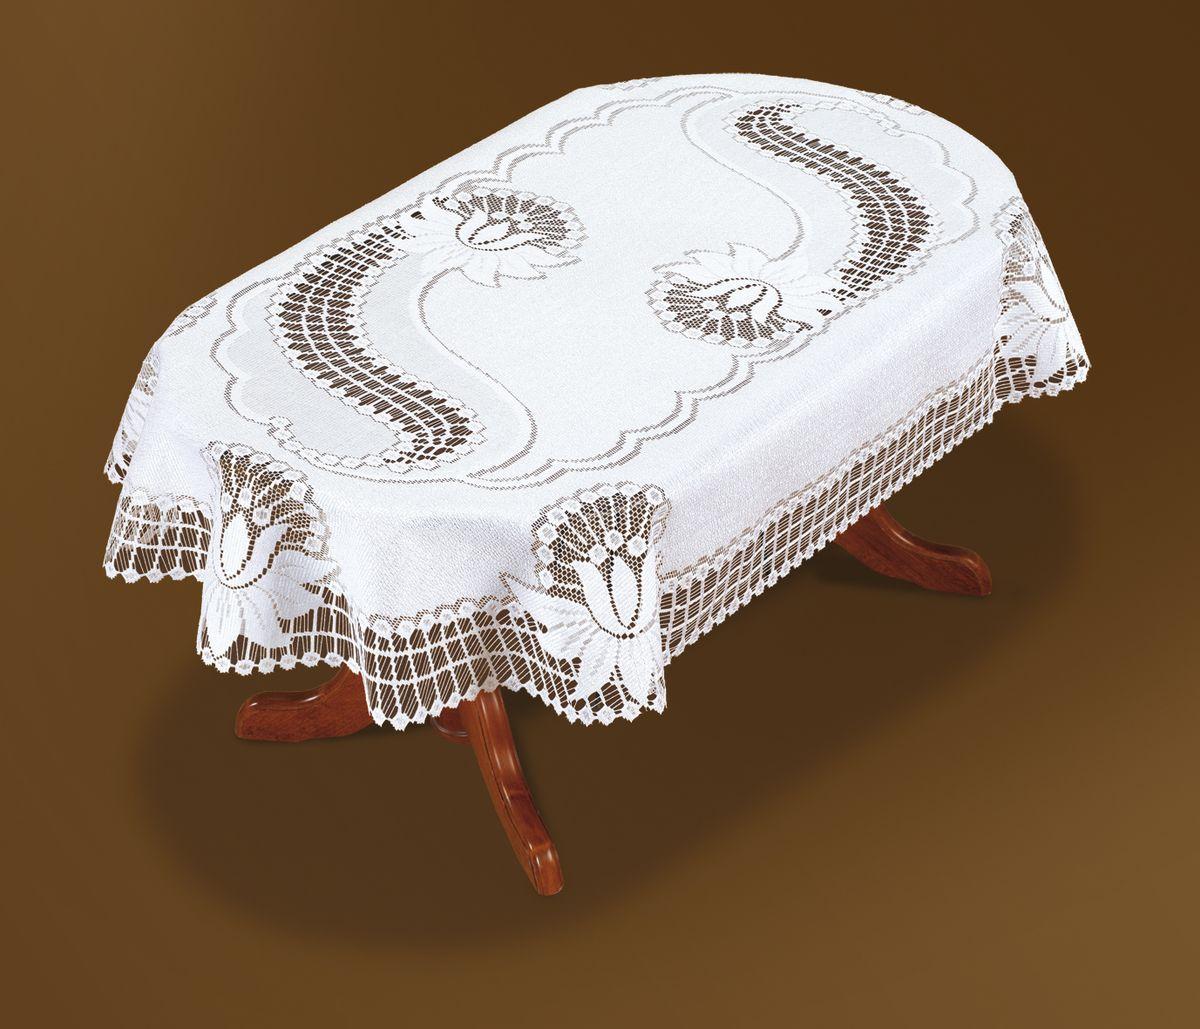 Скатерть Haft, овальная, цвет: белый, 180  x 130 см. 46081-130 скатерть wisan овальная цвет зеленый 130 х 180 см